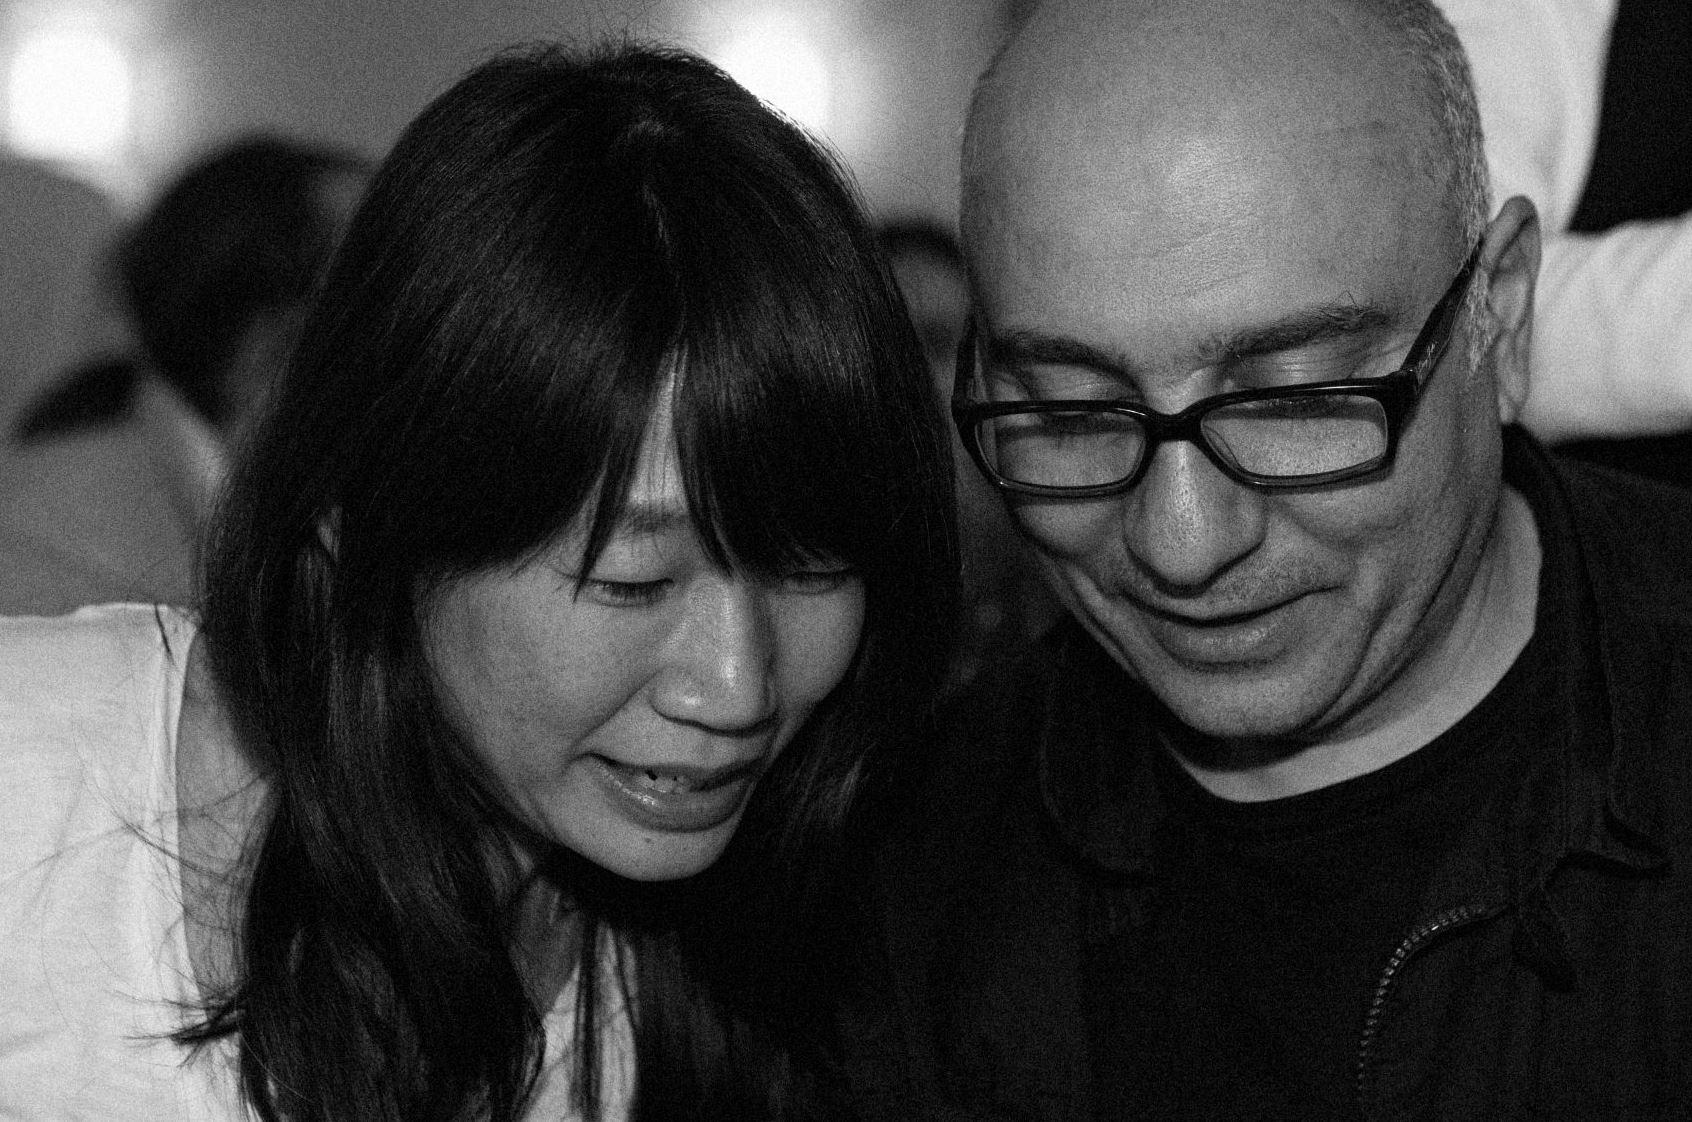 Мадлен Тьен и Рави Хаг на Международном литературном фестивале в Берлине в 2011 году. Фото: literaturfestival.com